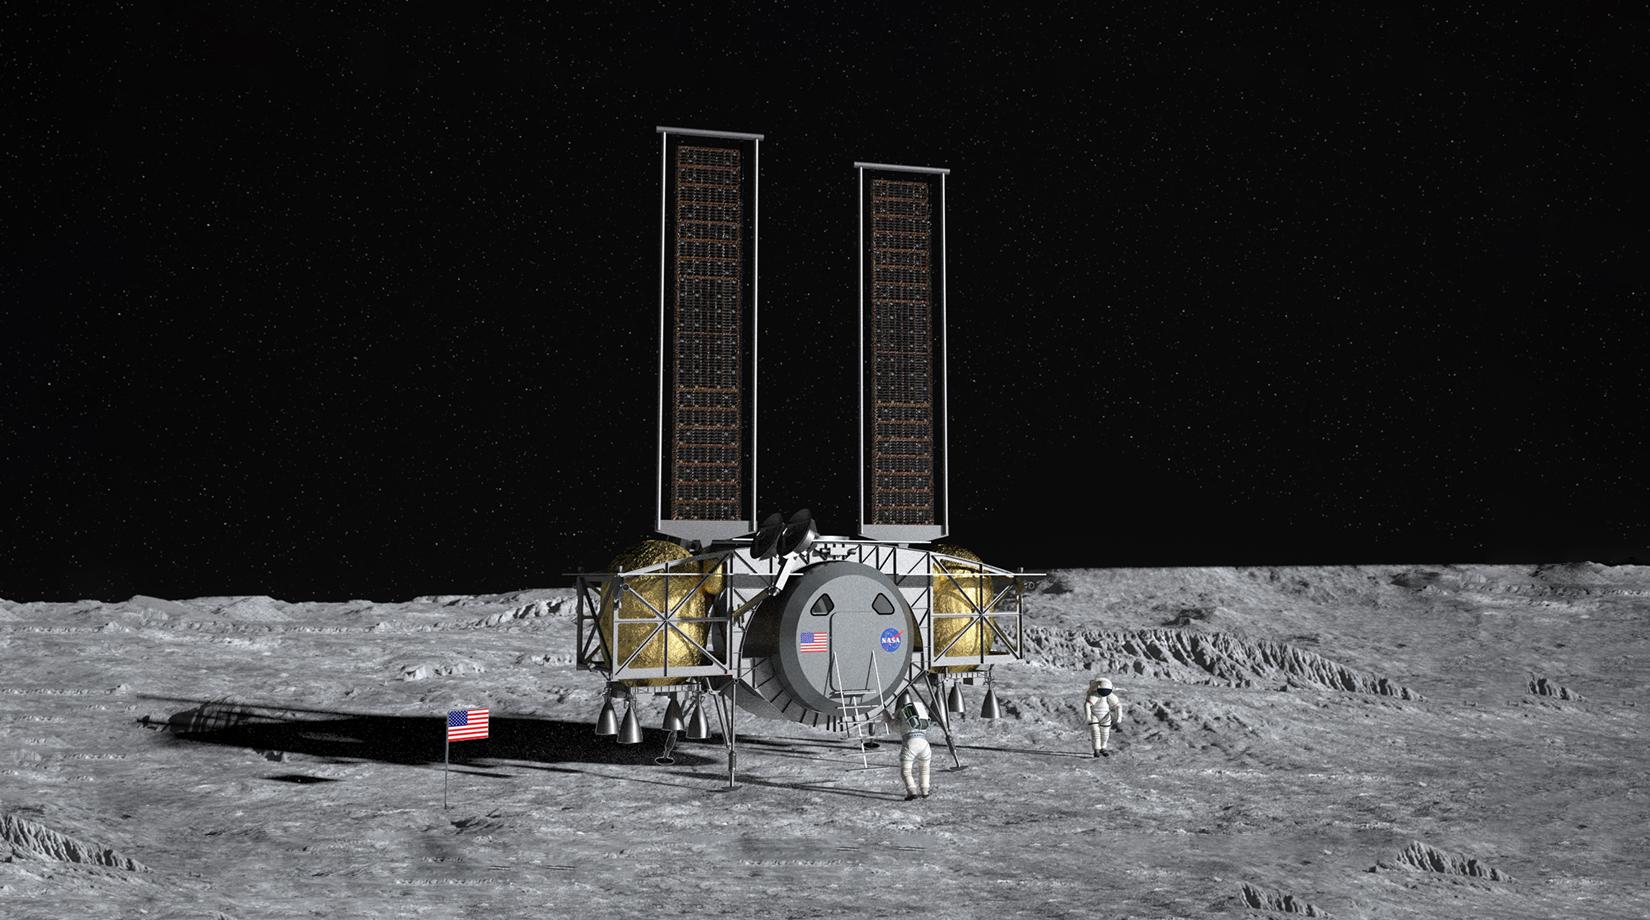 Dynetics Lunar Lander